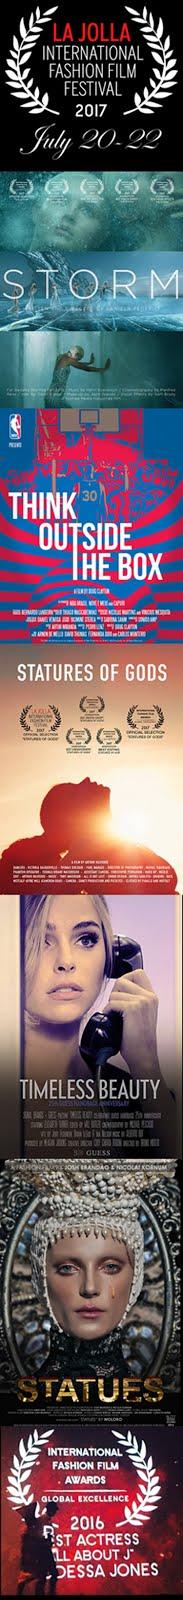 LA JOLLA INT. FASHION FILM FESTIVAL